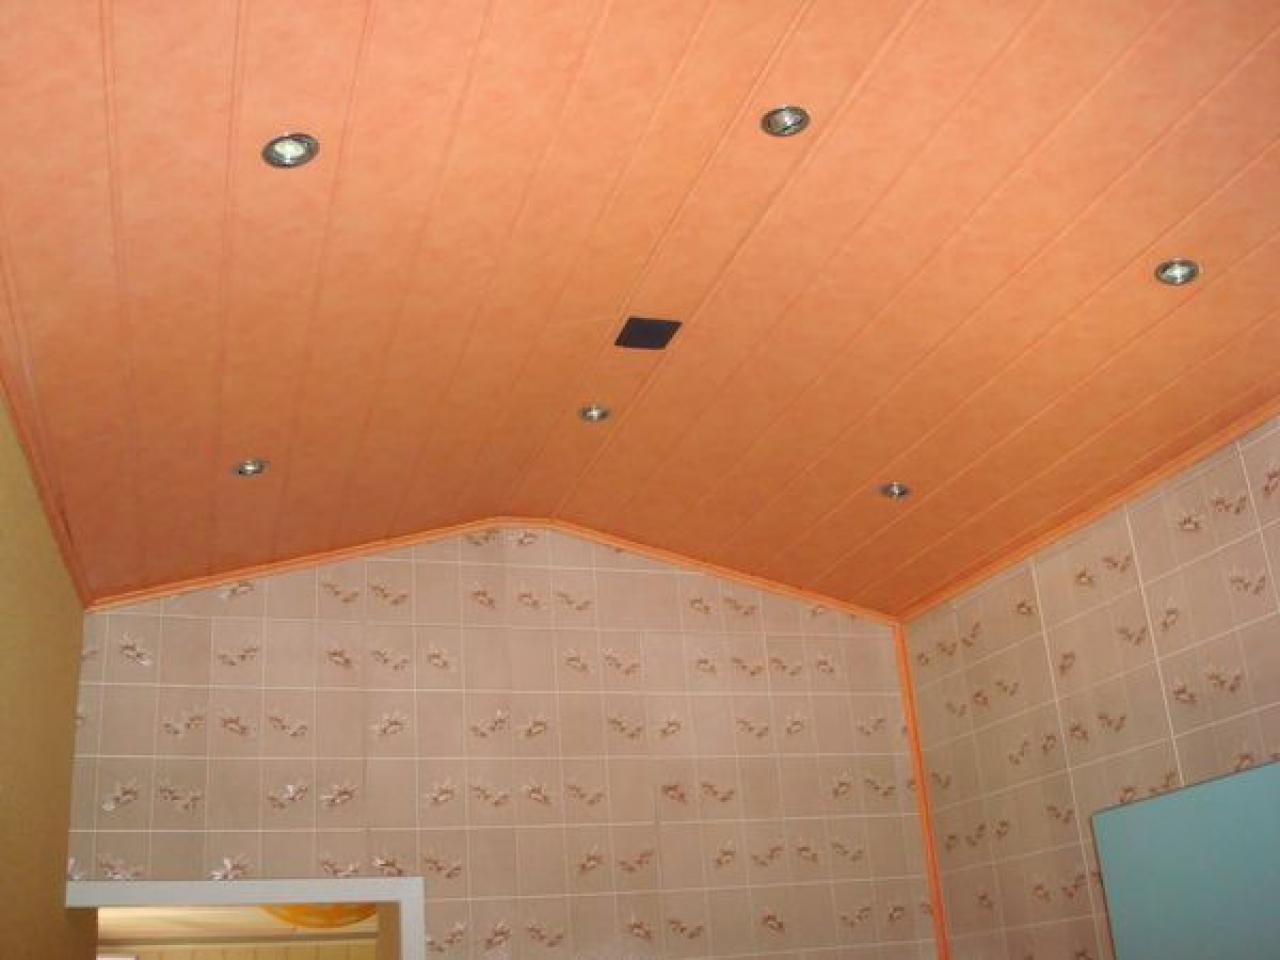 Faux Plafond Pvc Salle De Bain Algerie - Décoration de maison idées ...